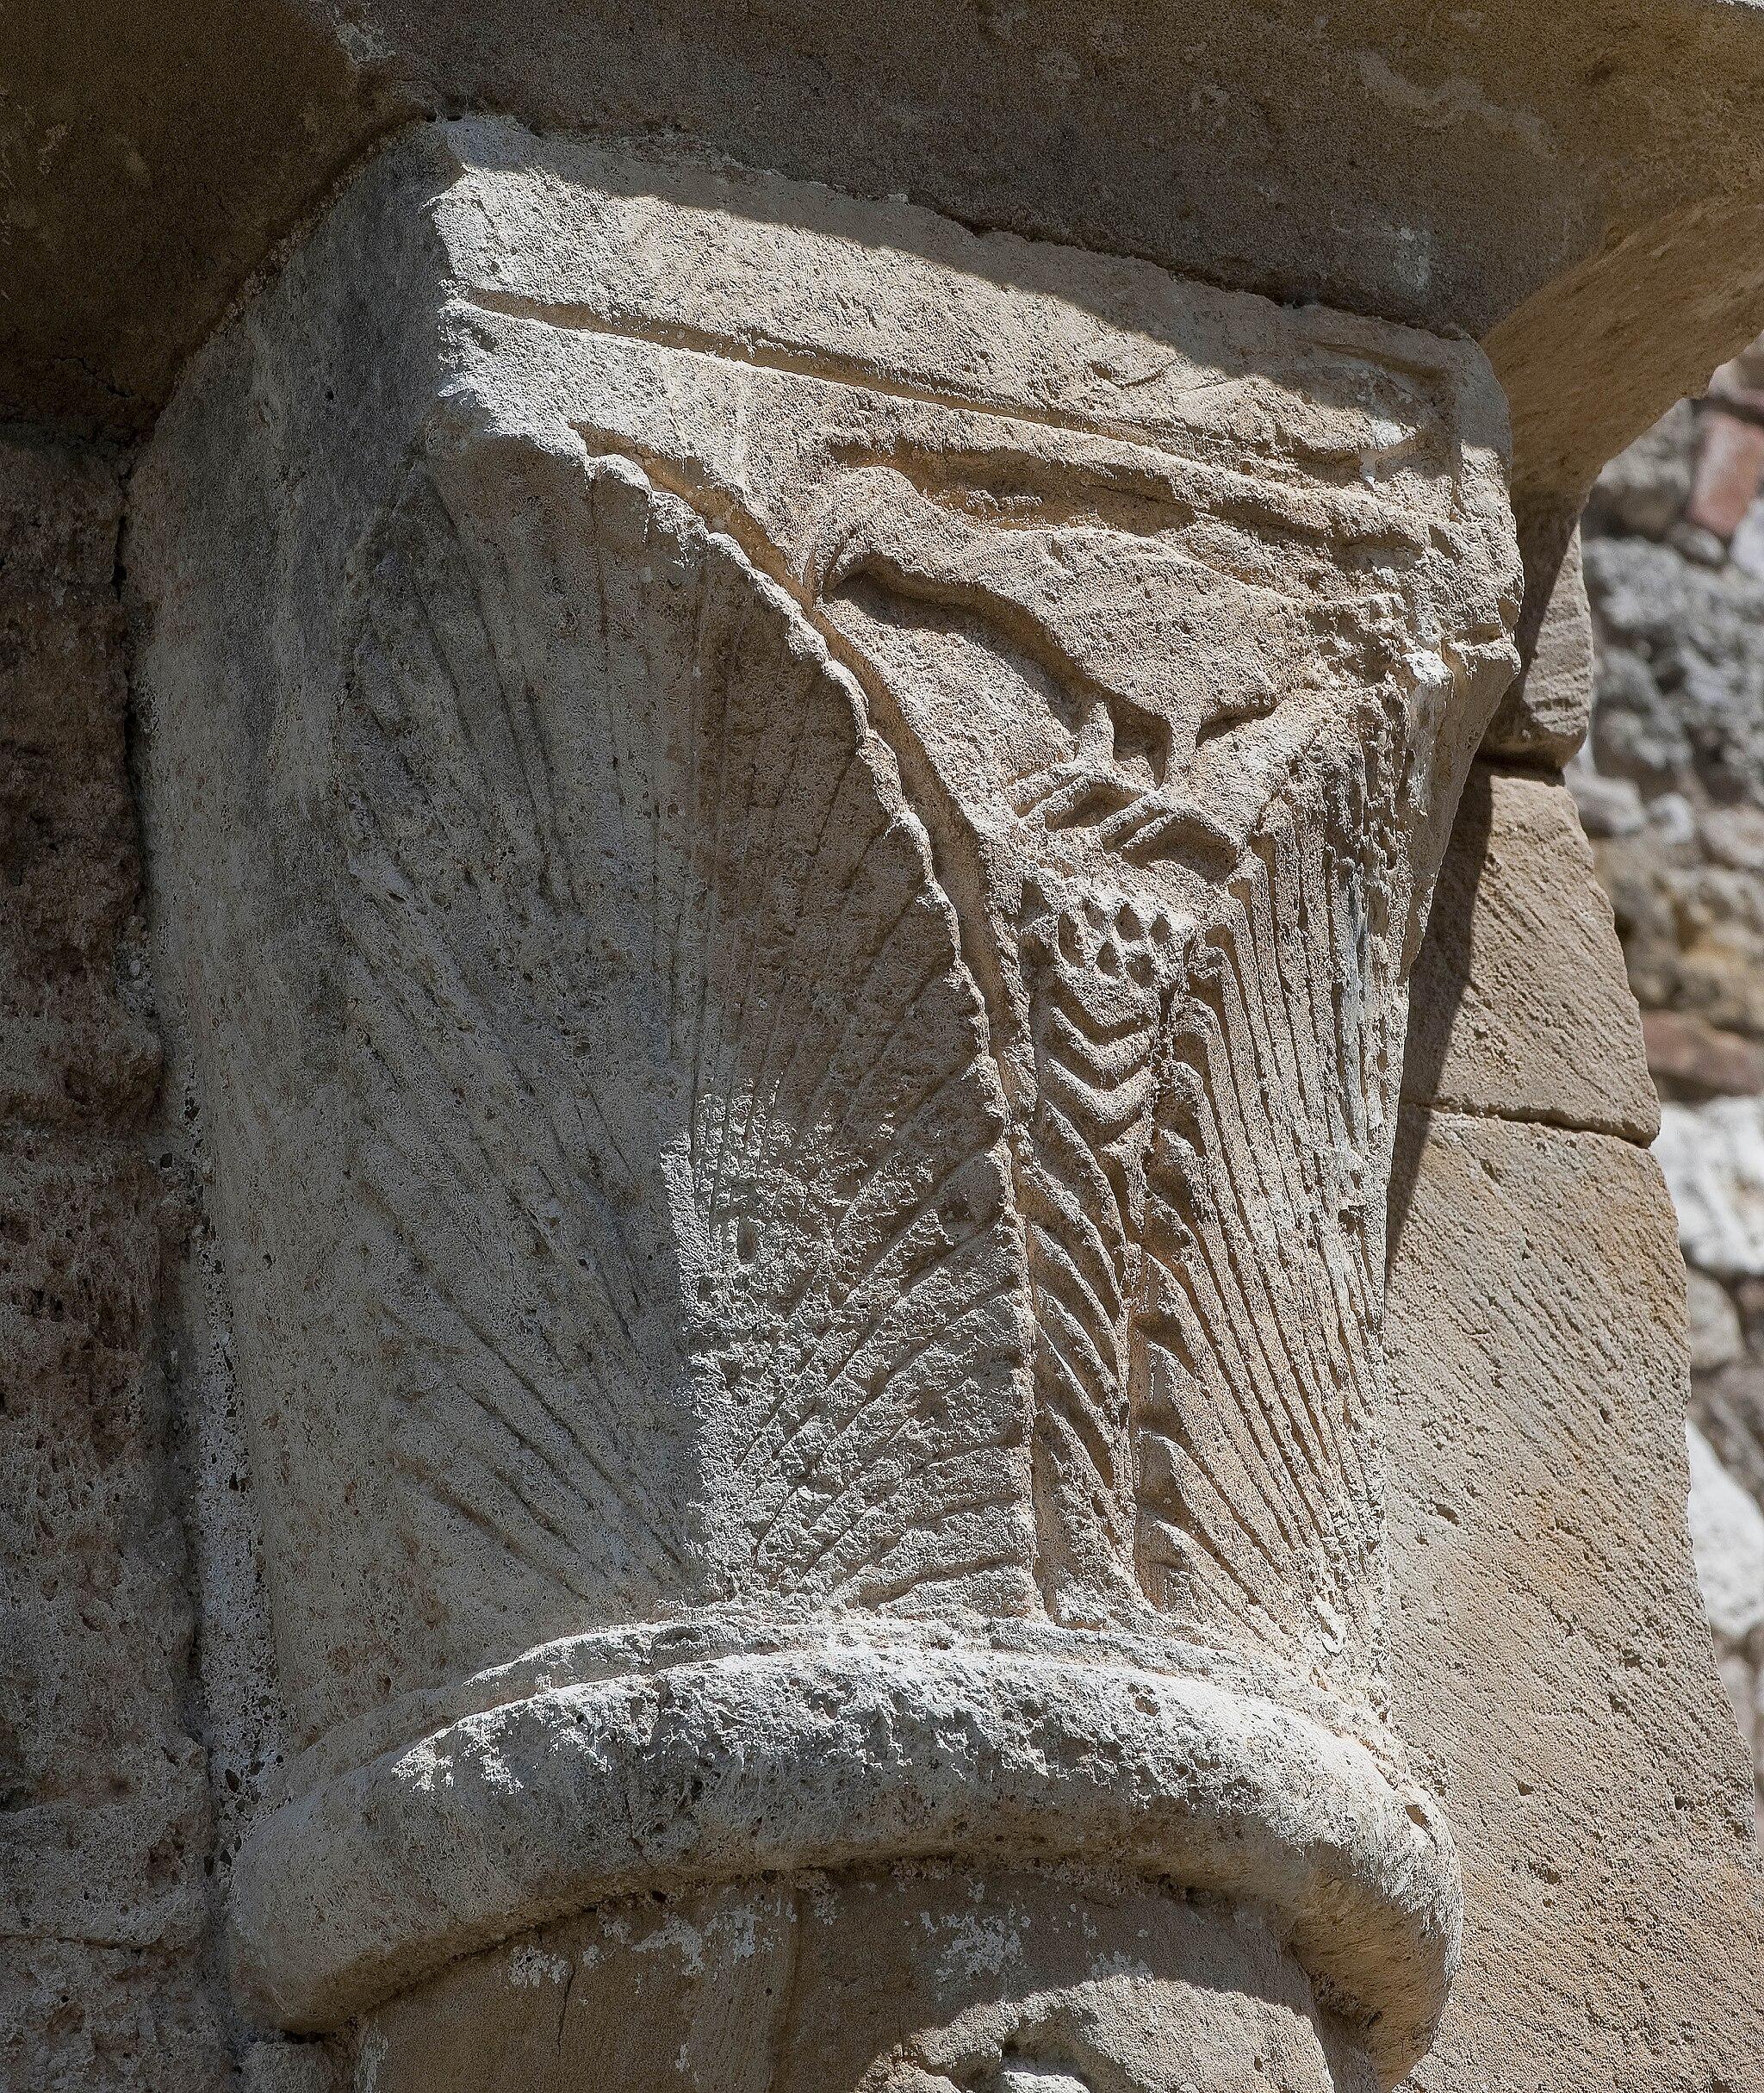 Capitello di una colonna, Badia a Conèo, Colle Val d'Elsa, Siena